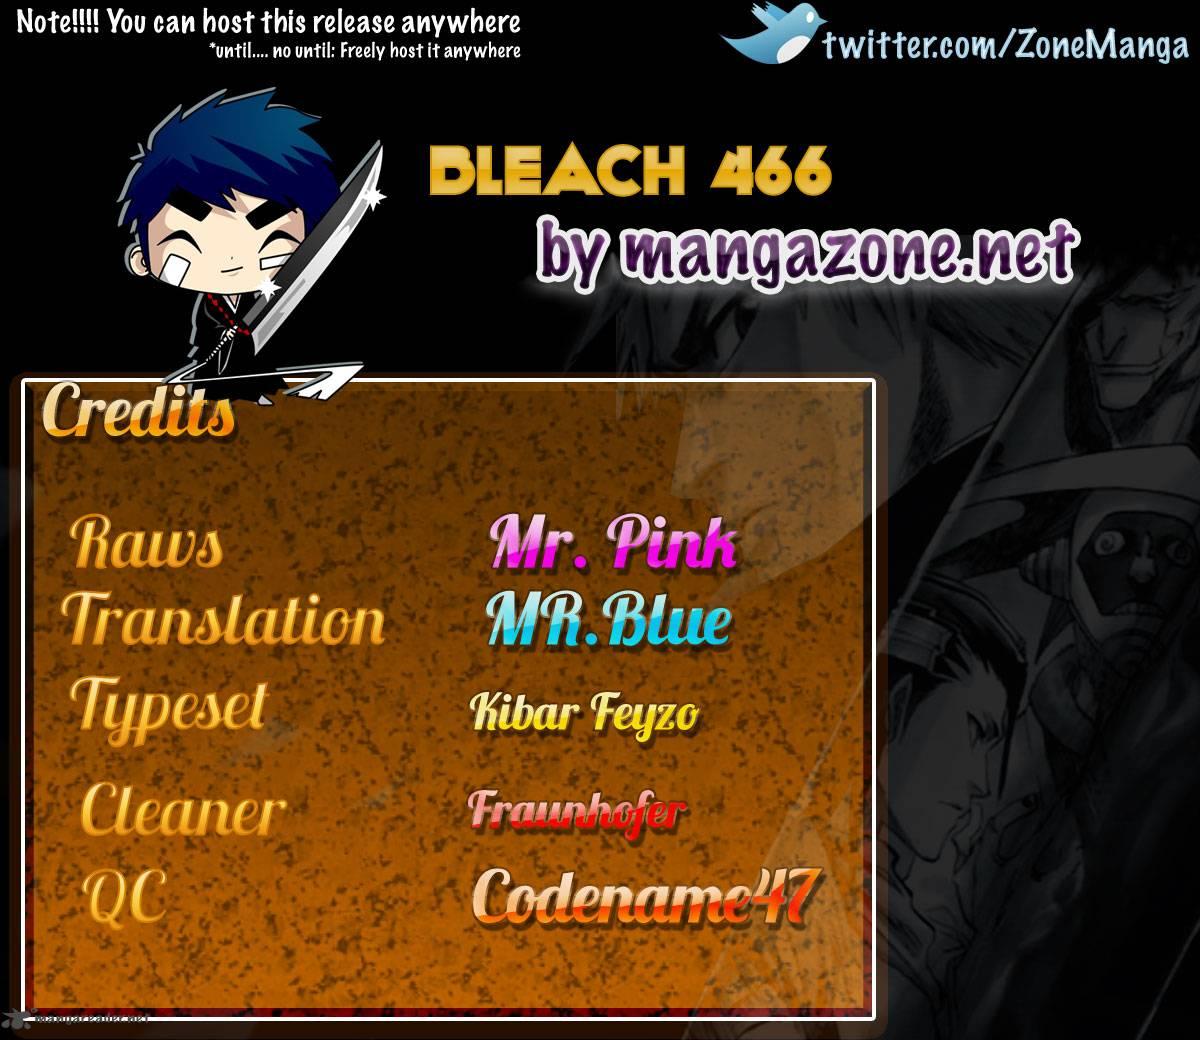 Bleach 466